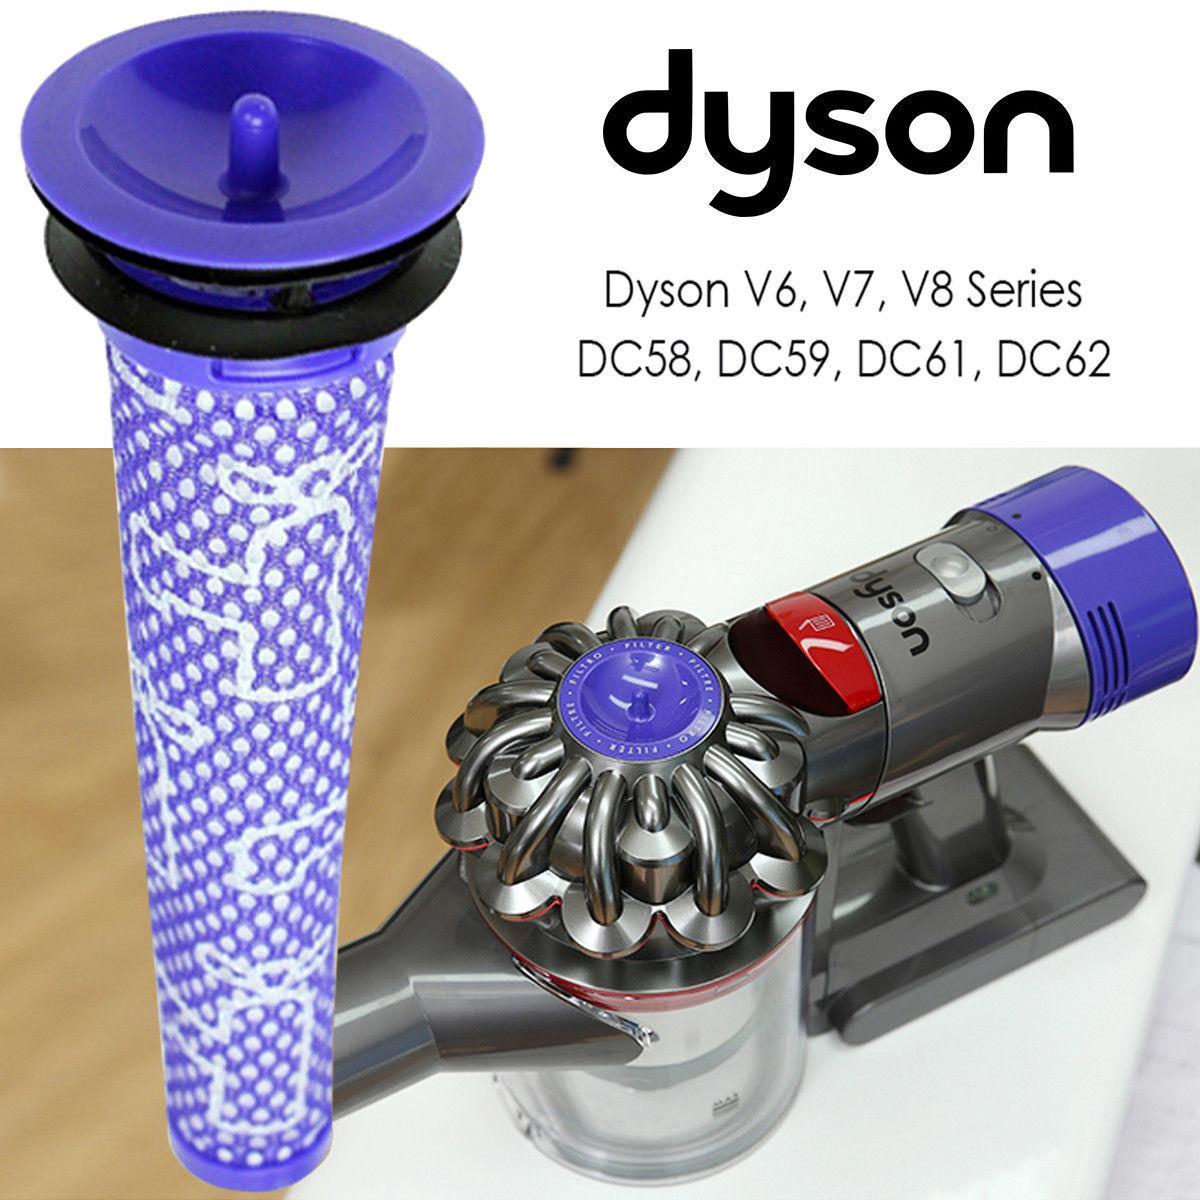 Купить фильтра для пылесоса дайсон как разобрать пылесос дайсон v6